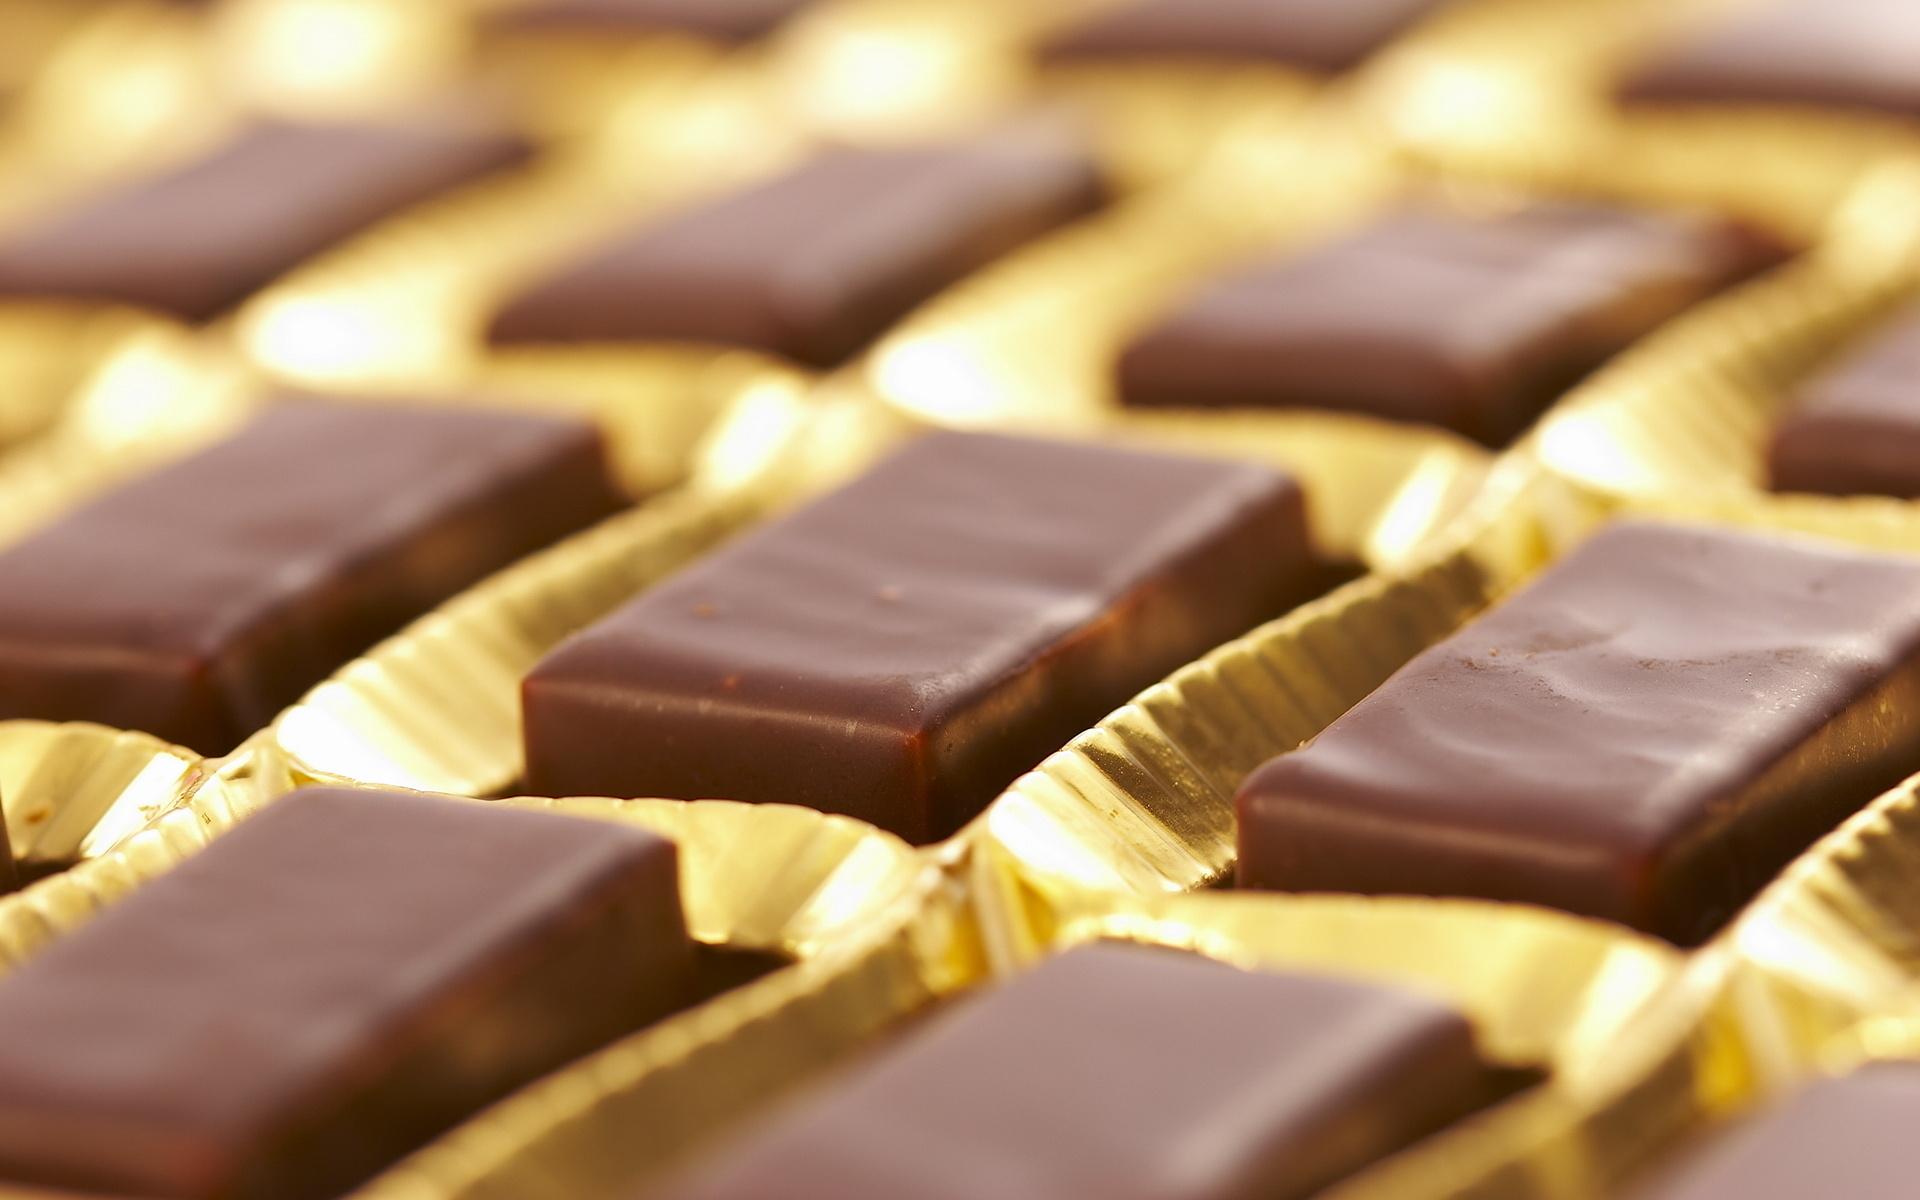 В Павлодаре задержаны подозреваемые, укравшие шоколад на 2,5 млн тенге